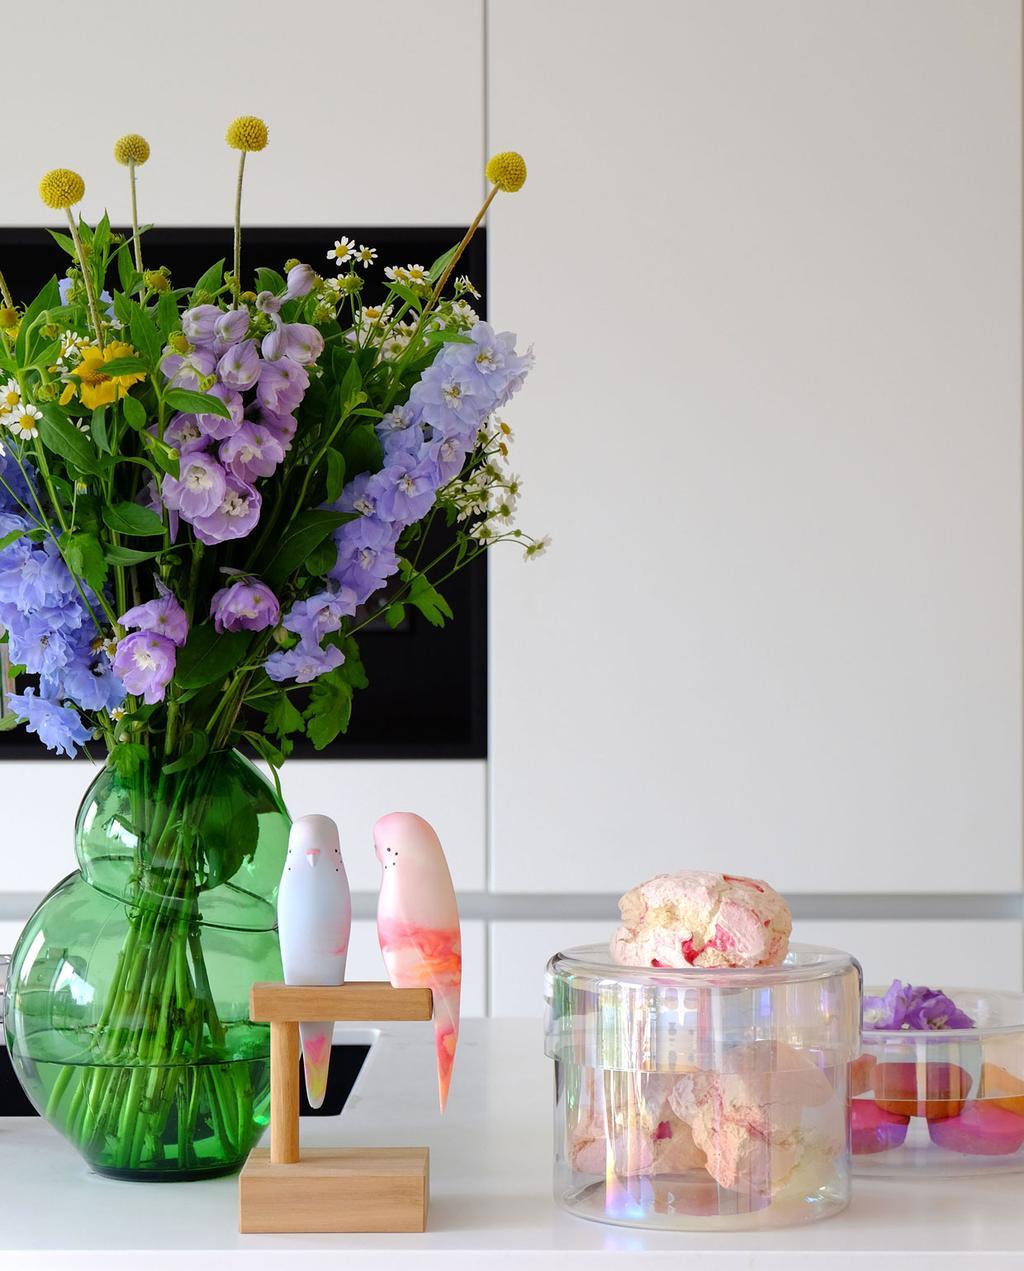 vtwonen | Puik Designer Blog keuken met groene vaas met bloemen